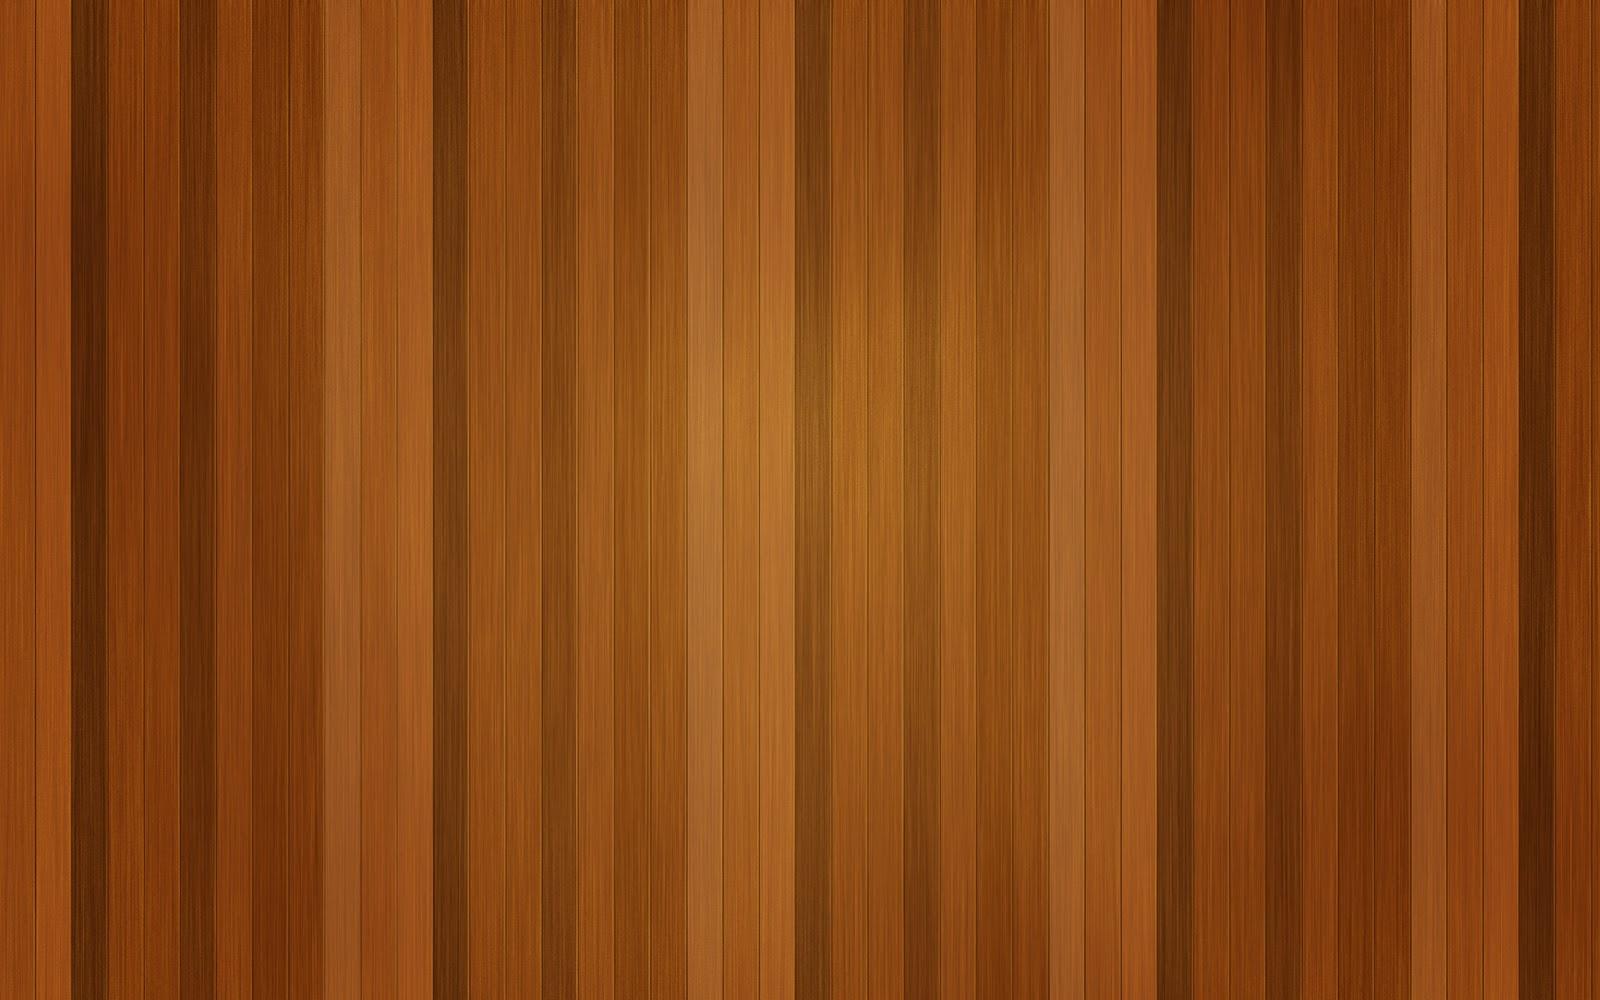 houten achtergronden hd - photo #10